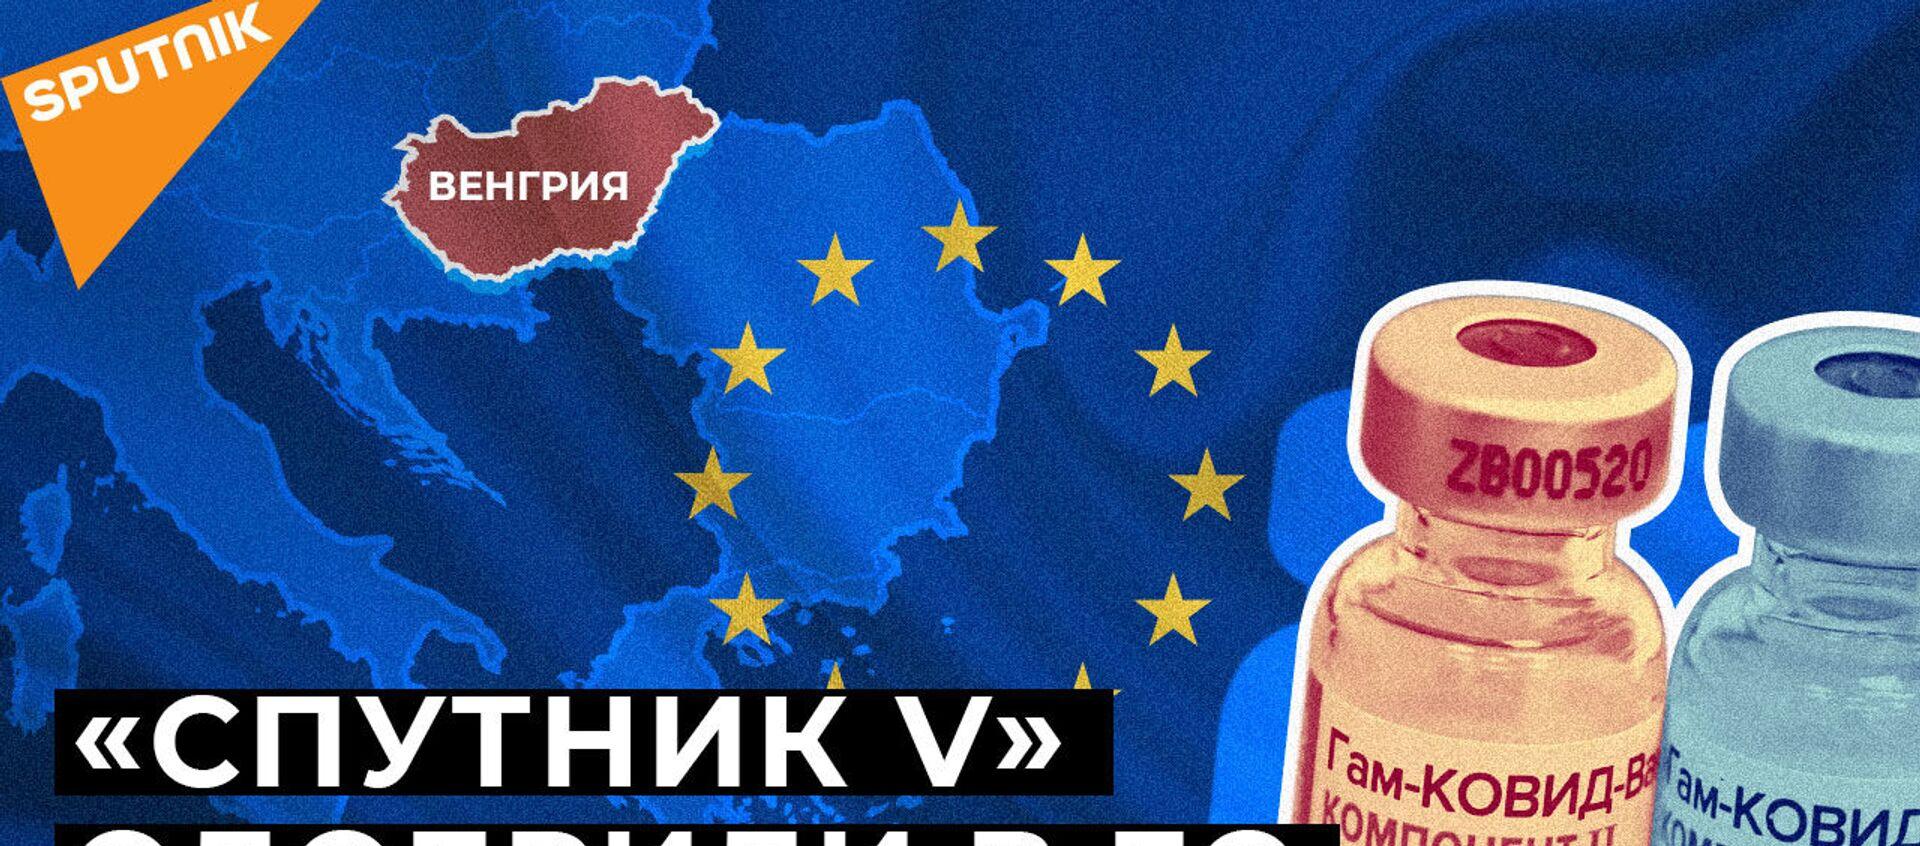 В Венгрию поставят 2 миллиона доз вакцины Спутник V - Sputnik Армения, 1920, 23.01.2021